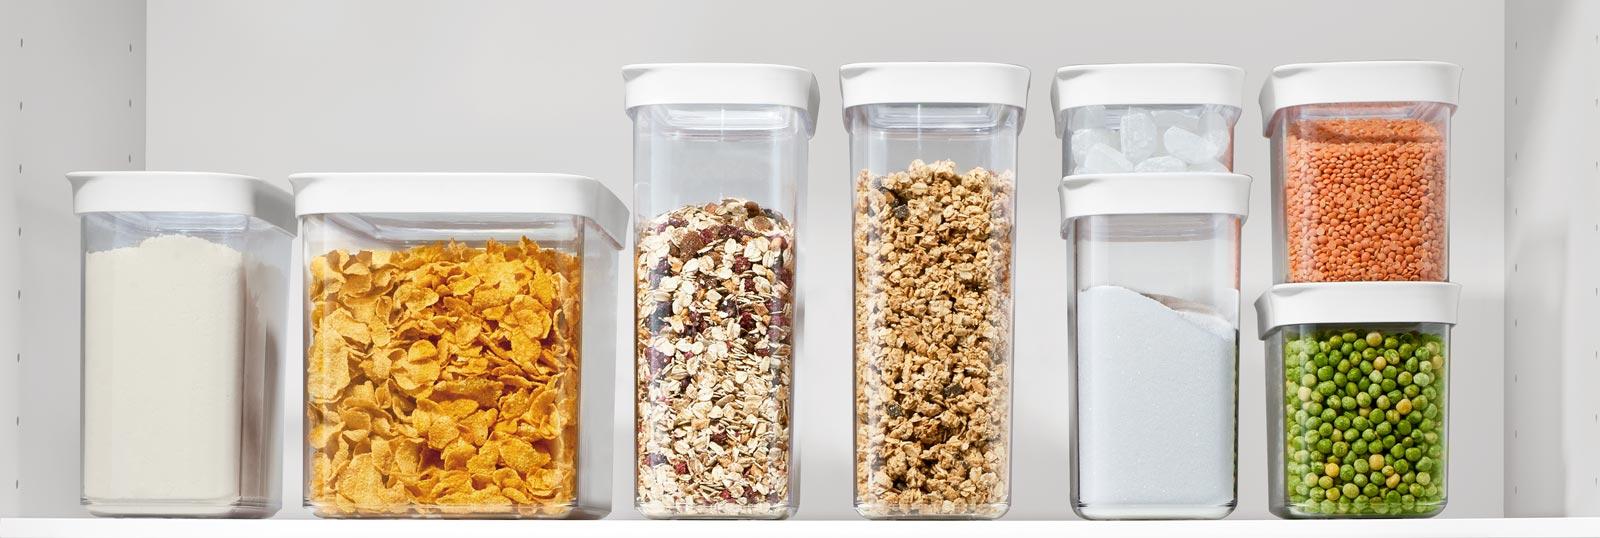 Full Size of Vorratsdosen Fr Trockenvorrte Emsa Küchen Regal Aufbewahrungsbehälter Küche Wohnzimmer Küchen Aufbewahrungsbehälter